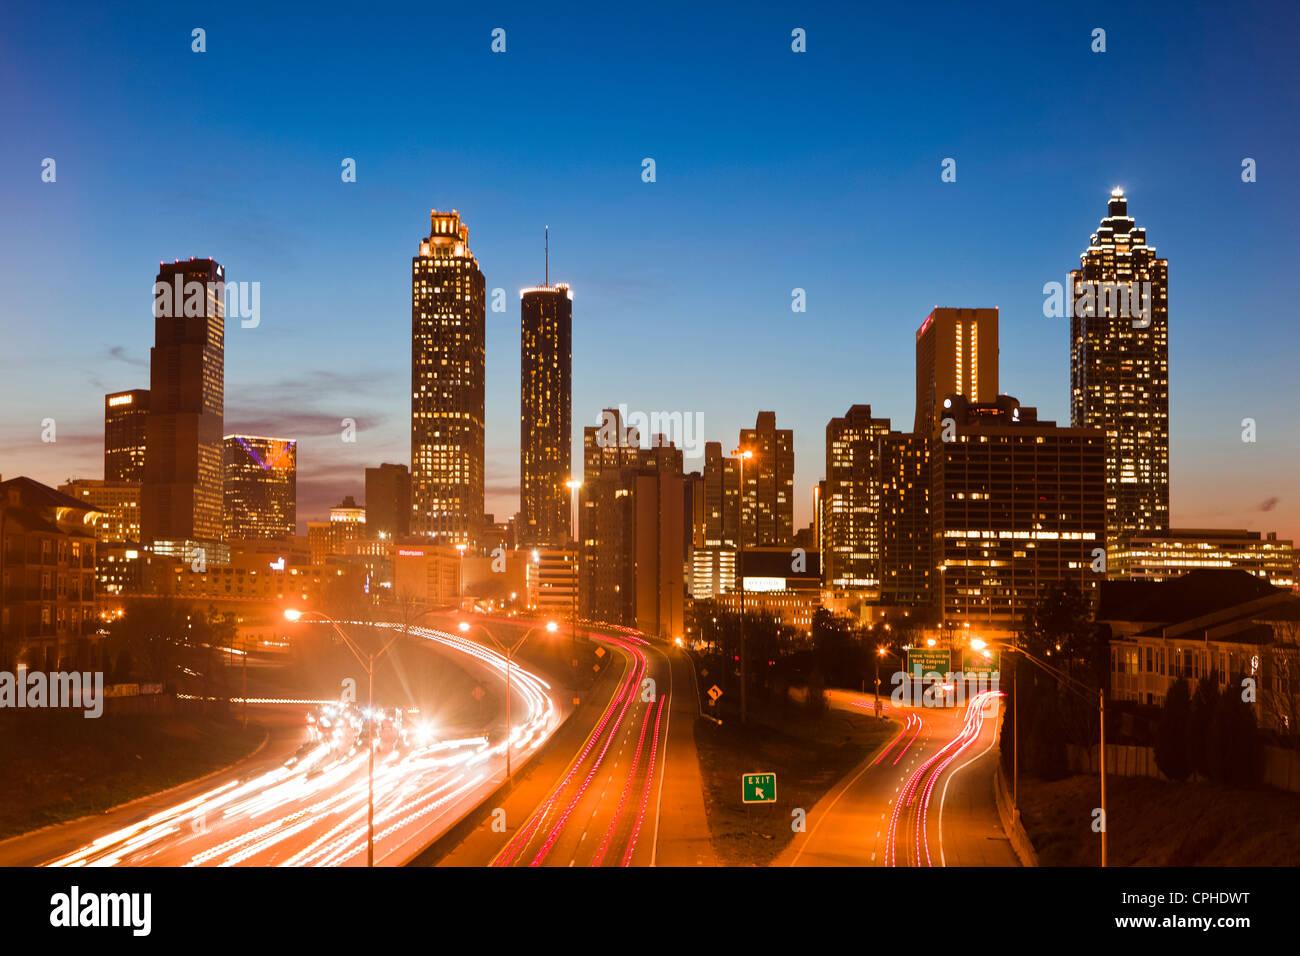 USA, United States, Amérique, Atlanta, Georgie, l'architecture, les voitures, le centre-ville, moderne, Photo Stock